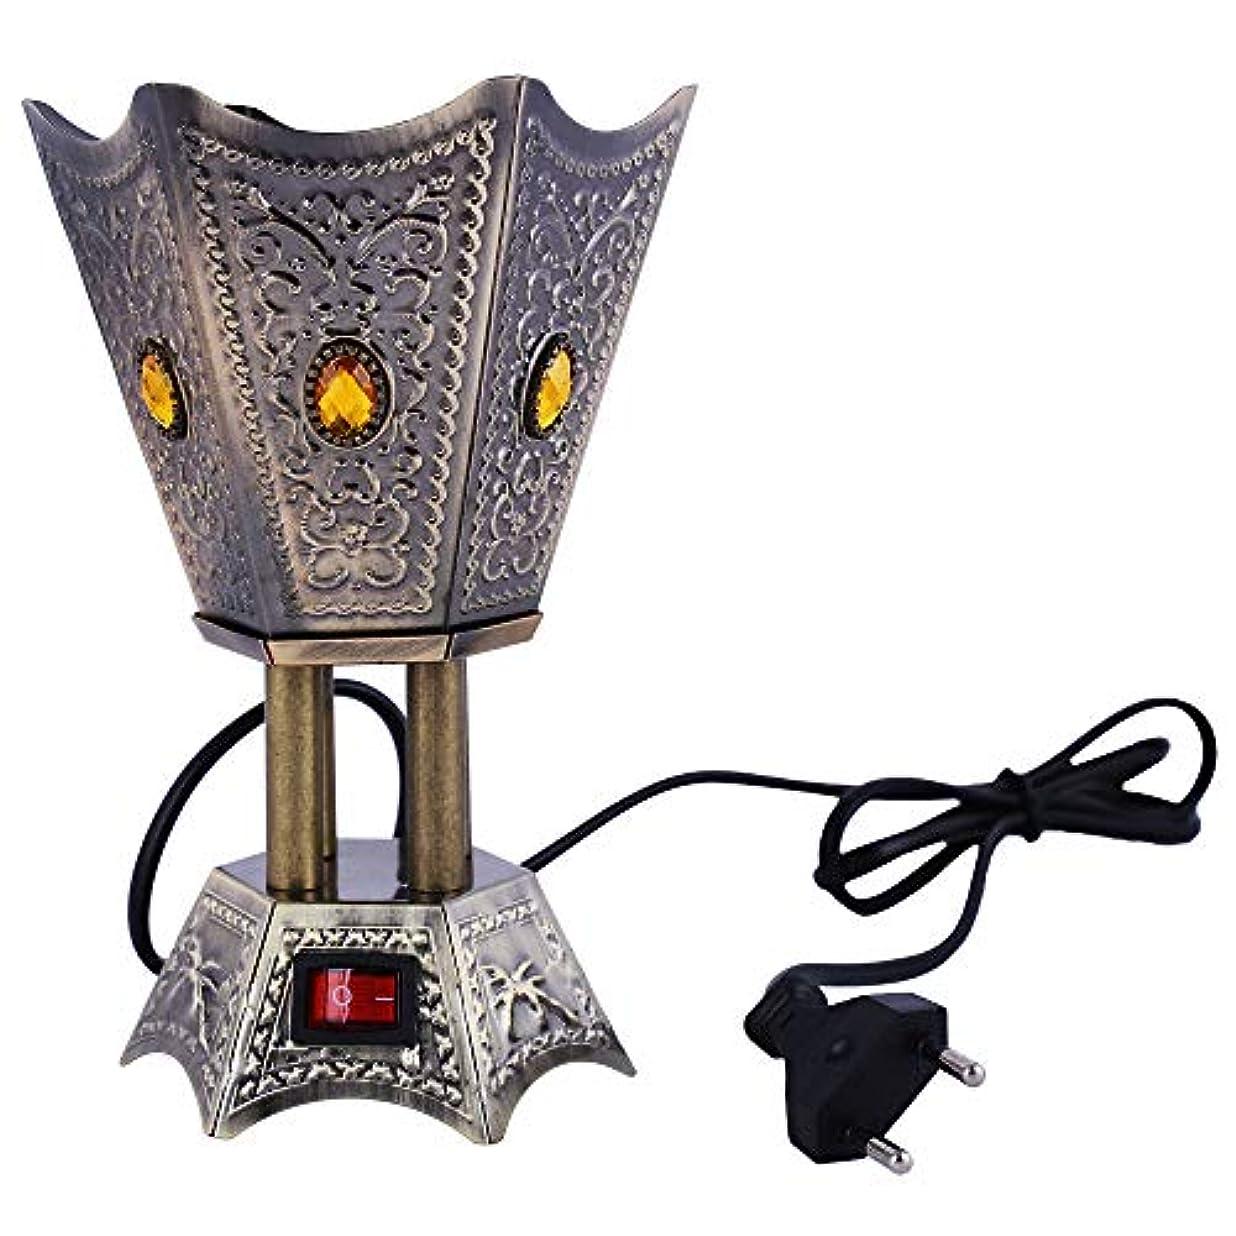 要塞自明チャンスGrey Electric Bakhoor Burner Electric Incense Burner Camphor- Oud Resin Frankincense for Diwali Gift Positive...